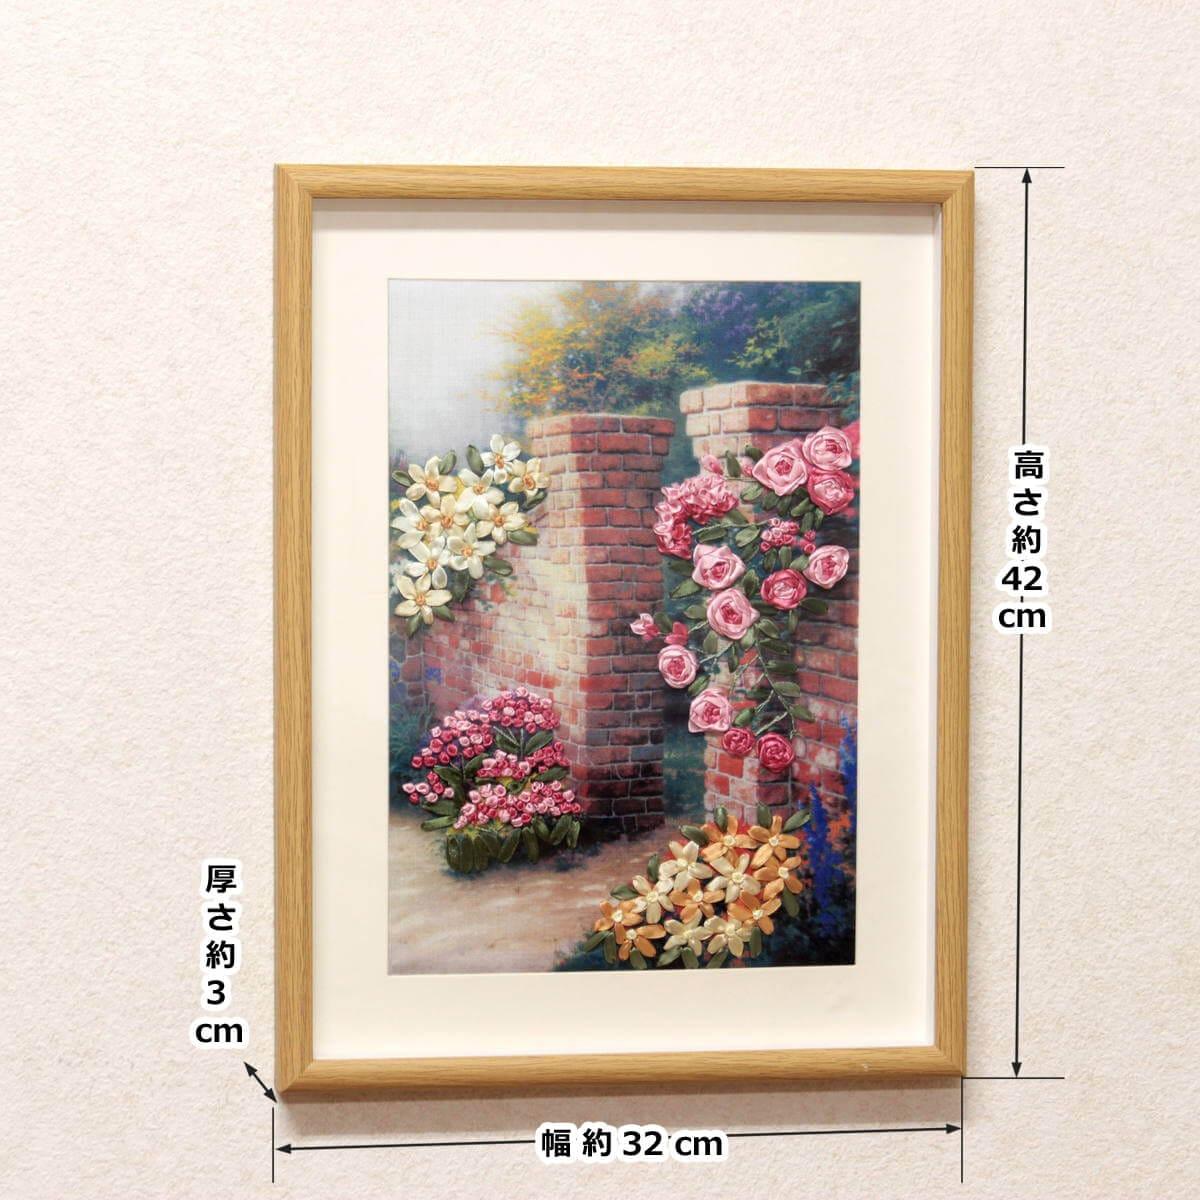 リボン刺繍アートパネル「花のポルテ」の外寸は幅約32cm、高さ約42cmです。